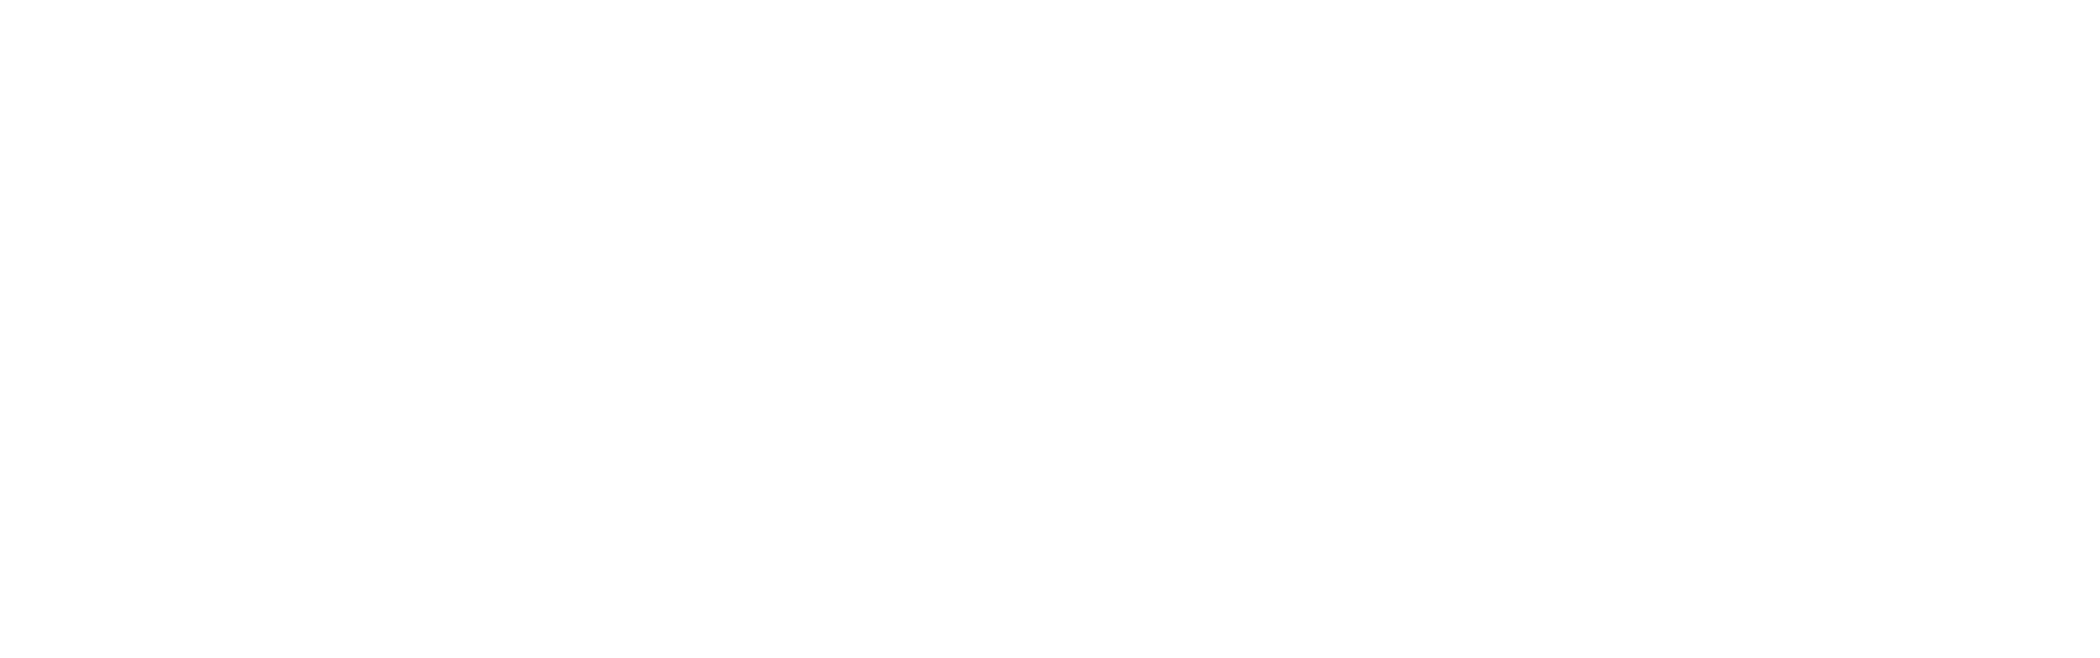 southerngeorgiamagazine.com